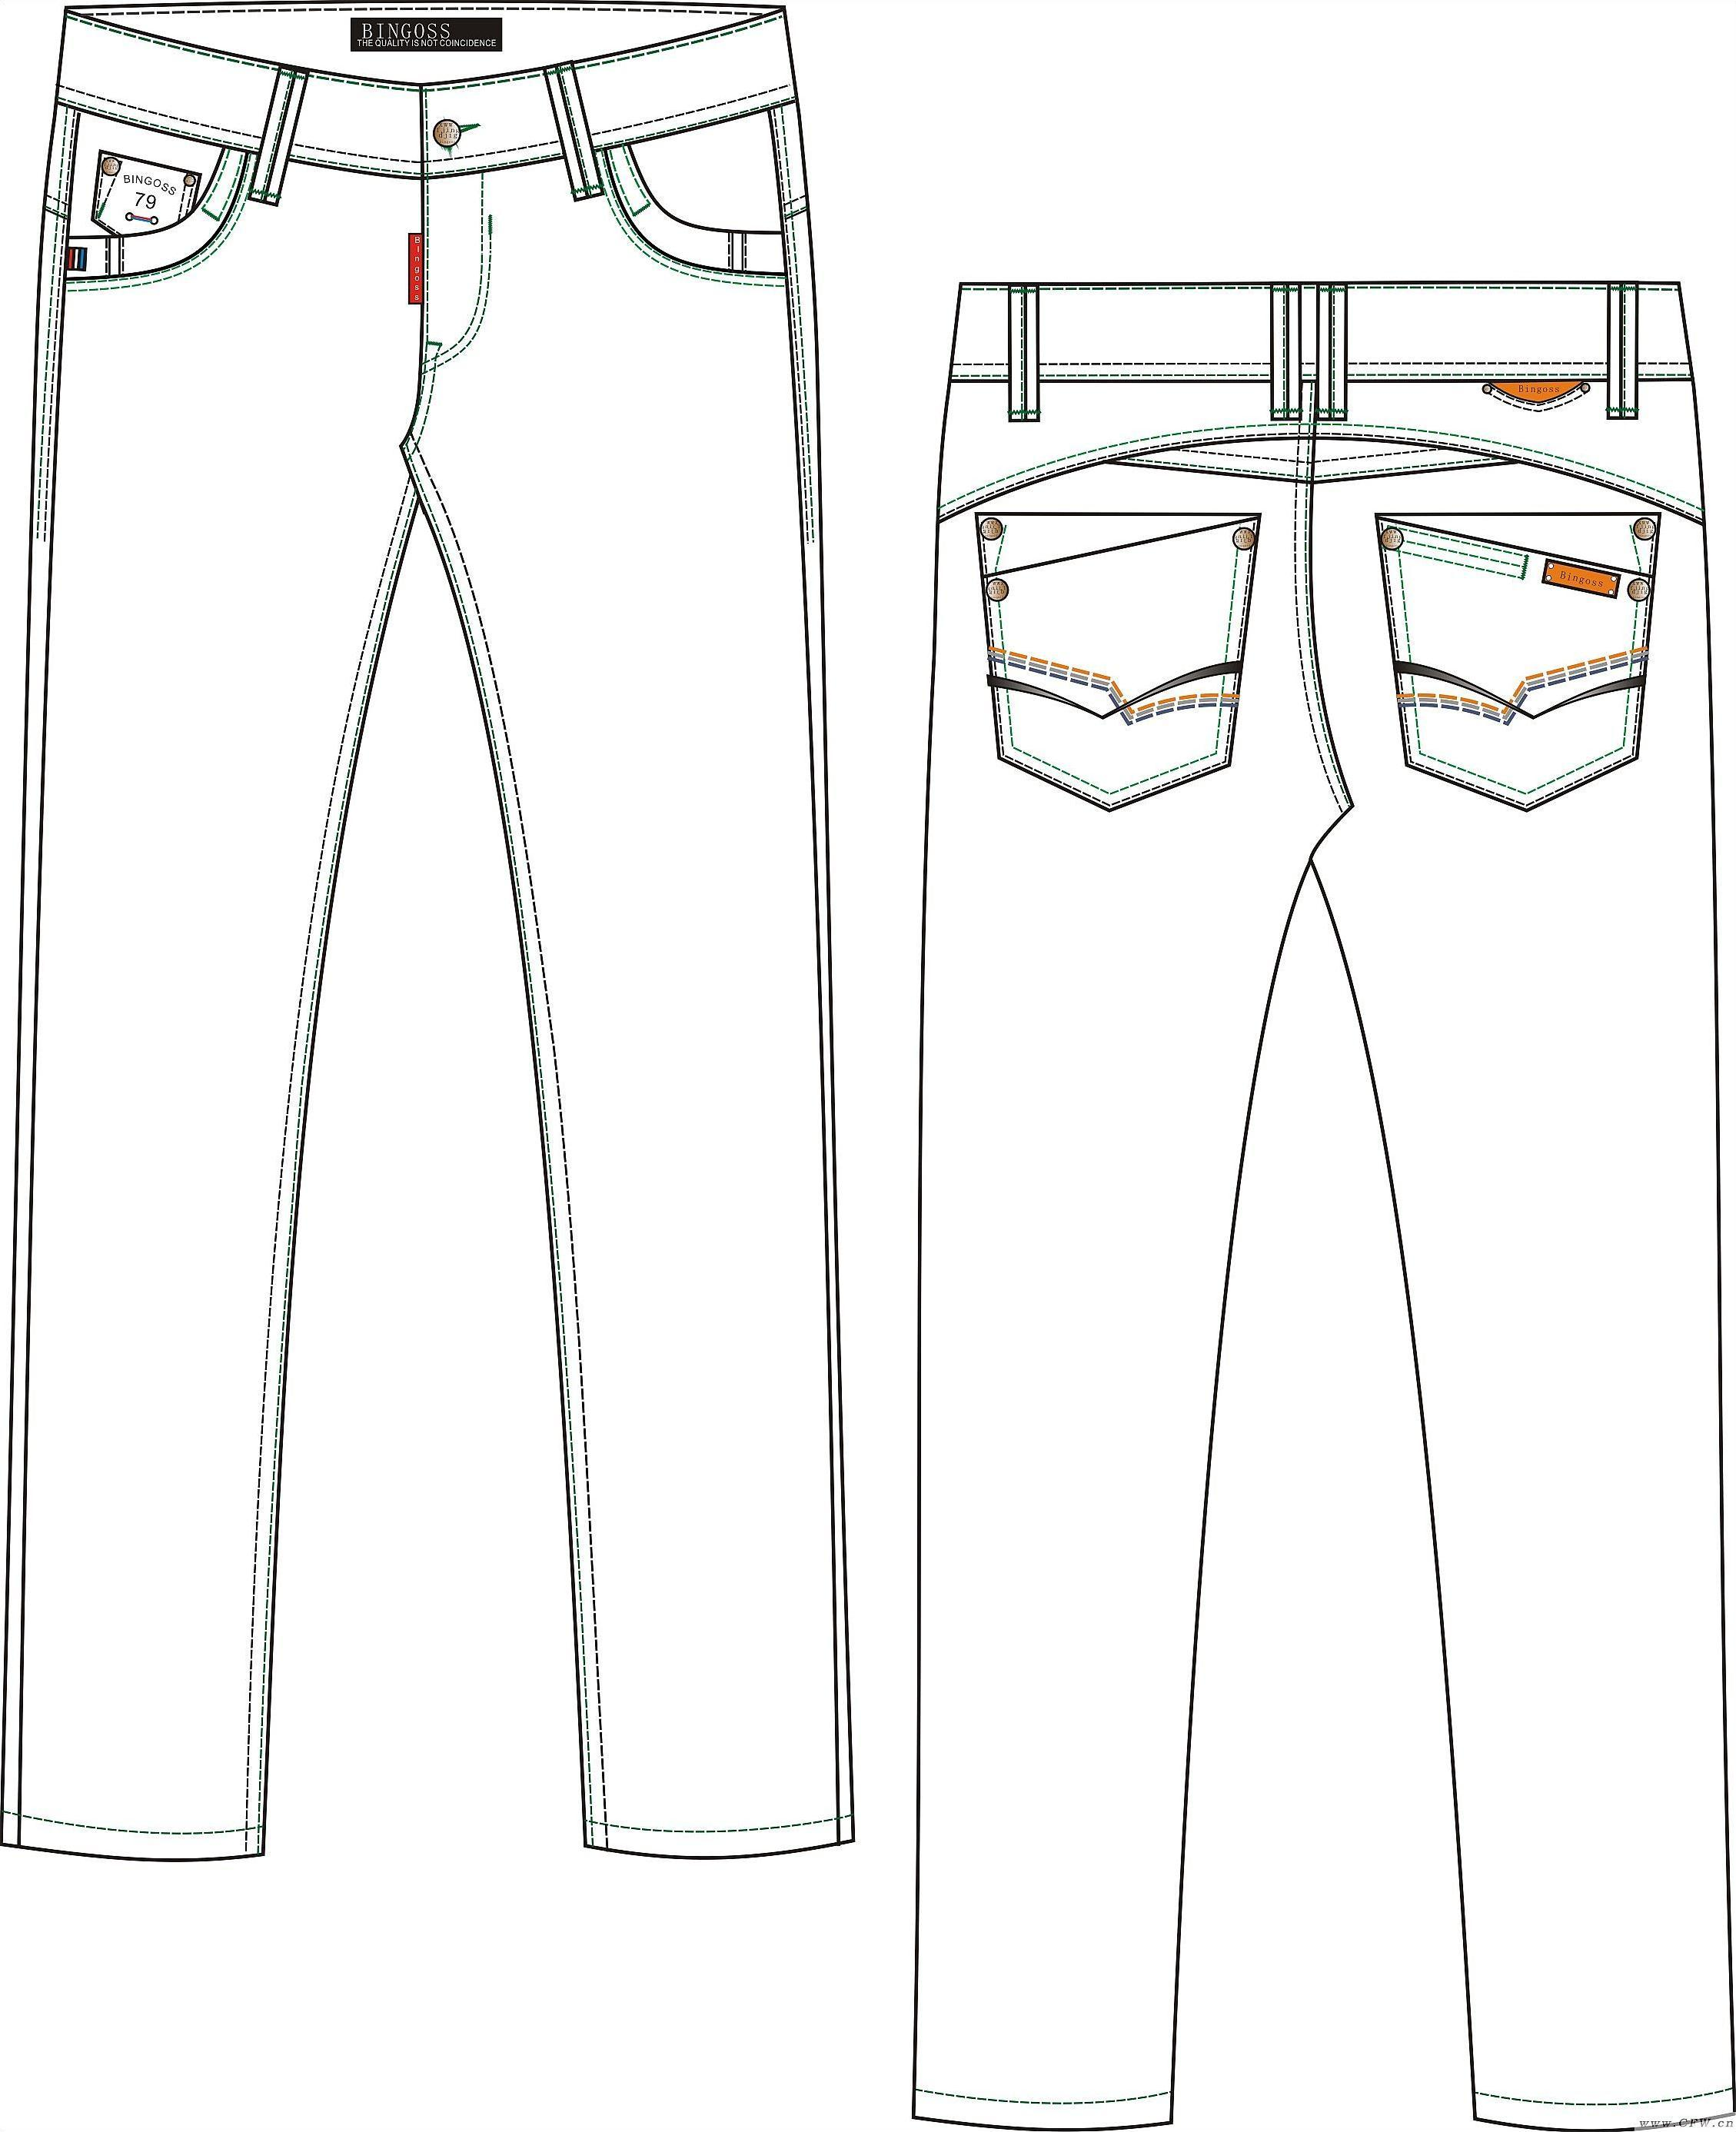 针织内衣品牌_牛仔裤-男装设计-服装设计